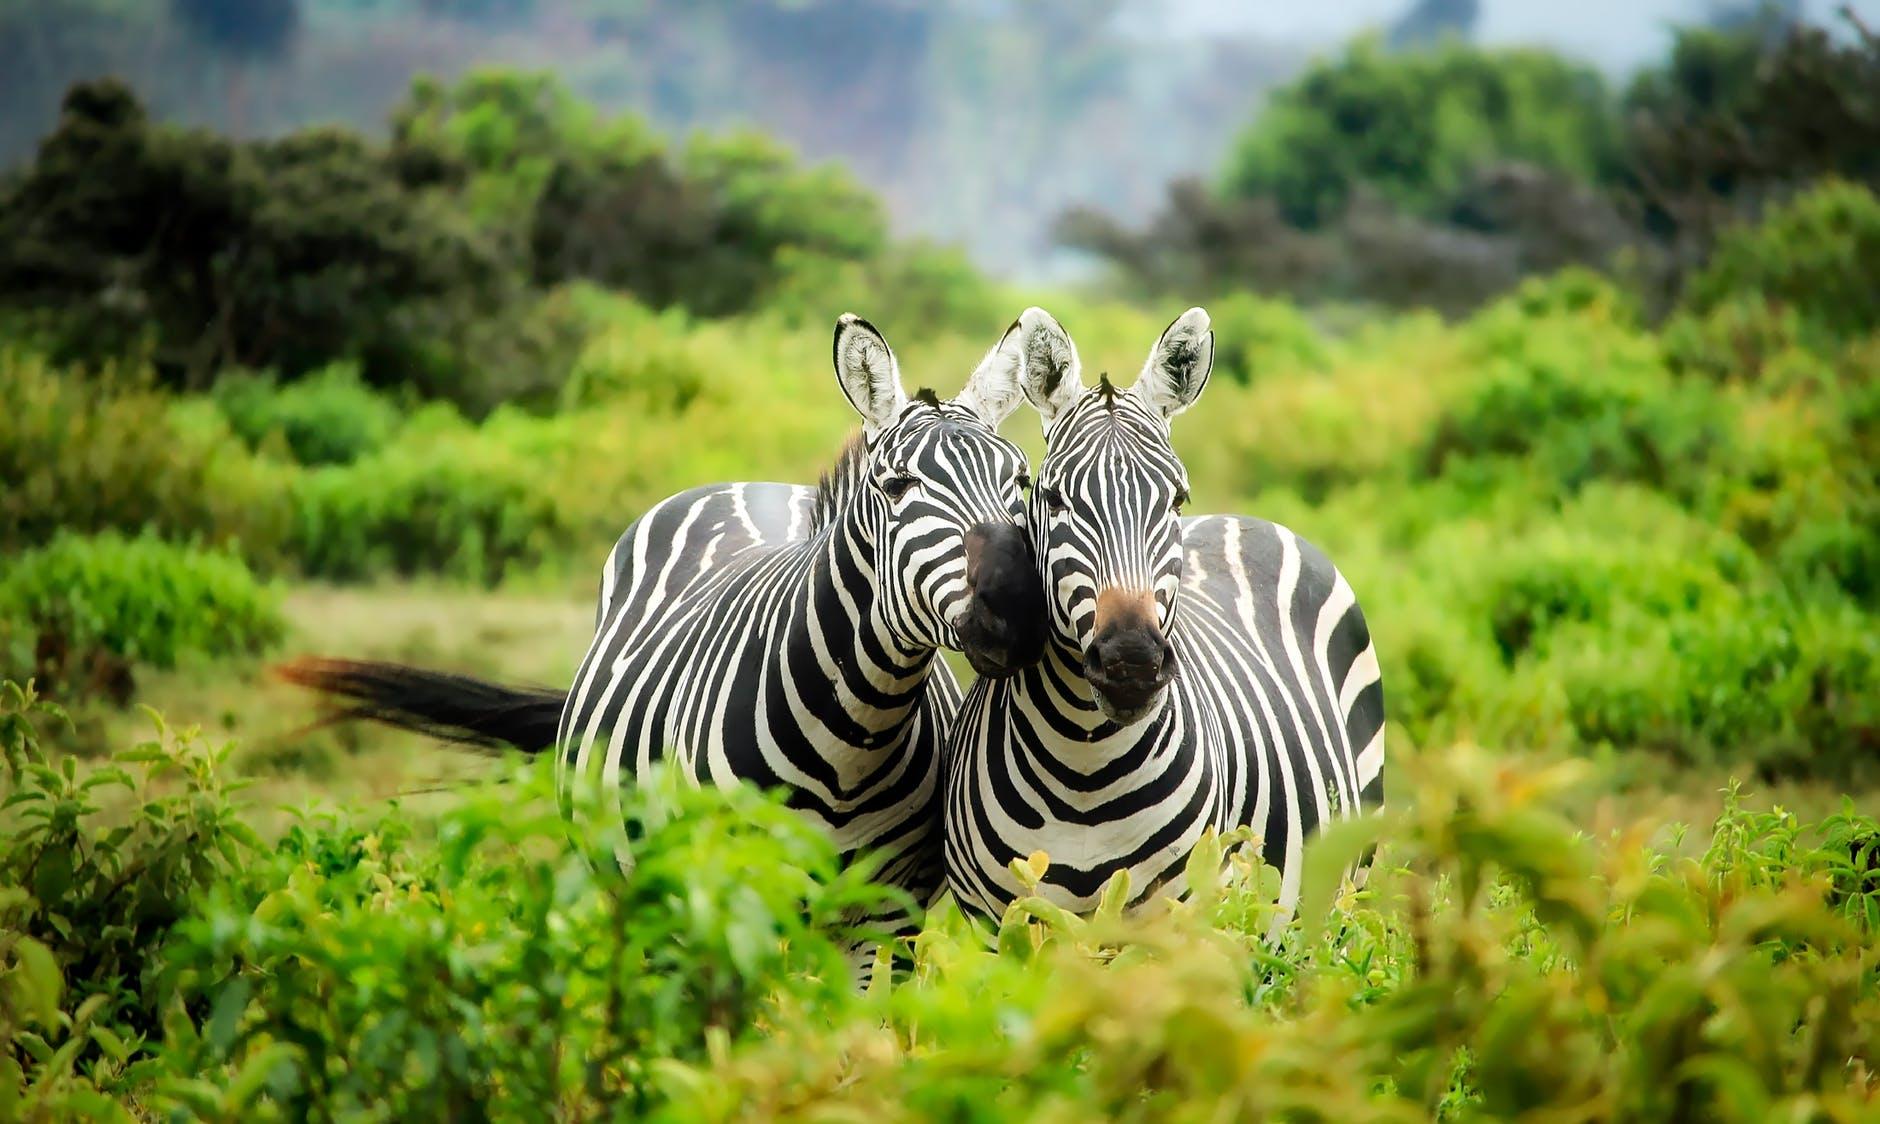 İzmir'de Hayvanat Bahçesi Kaç Tane Vardır?